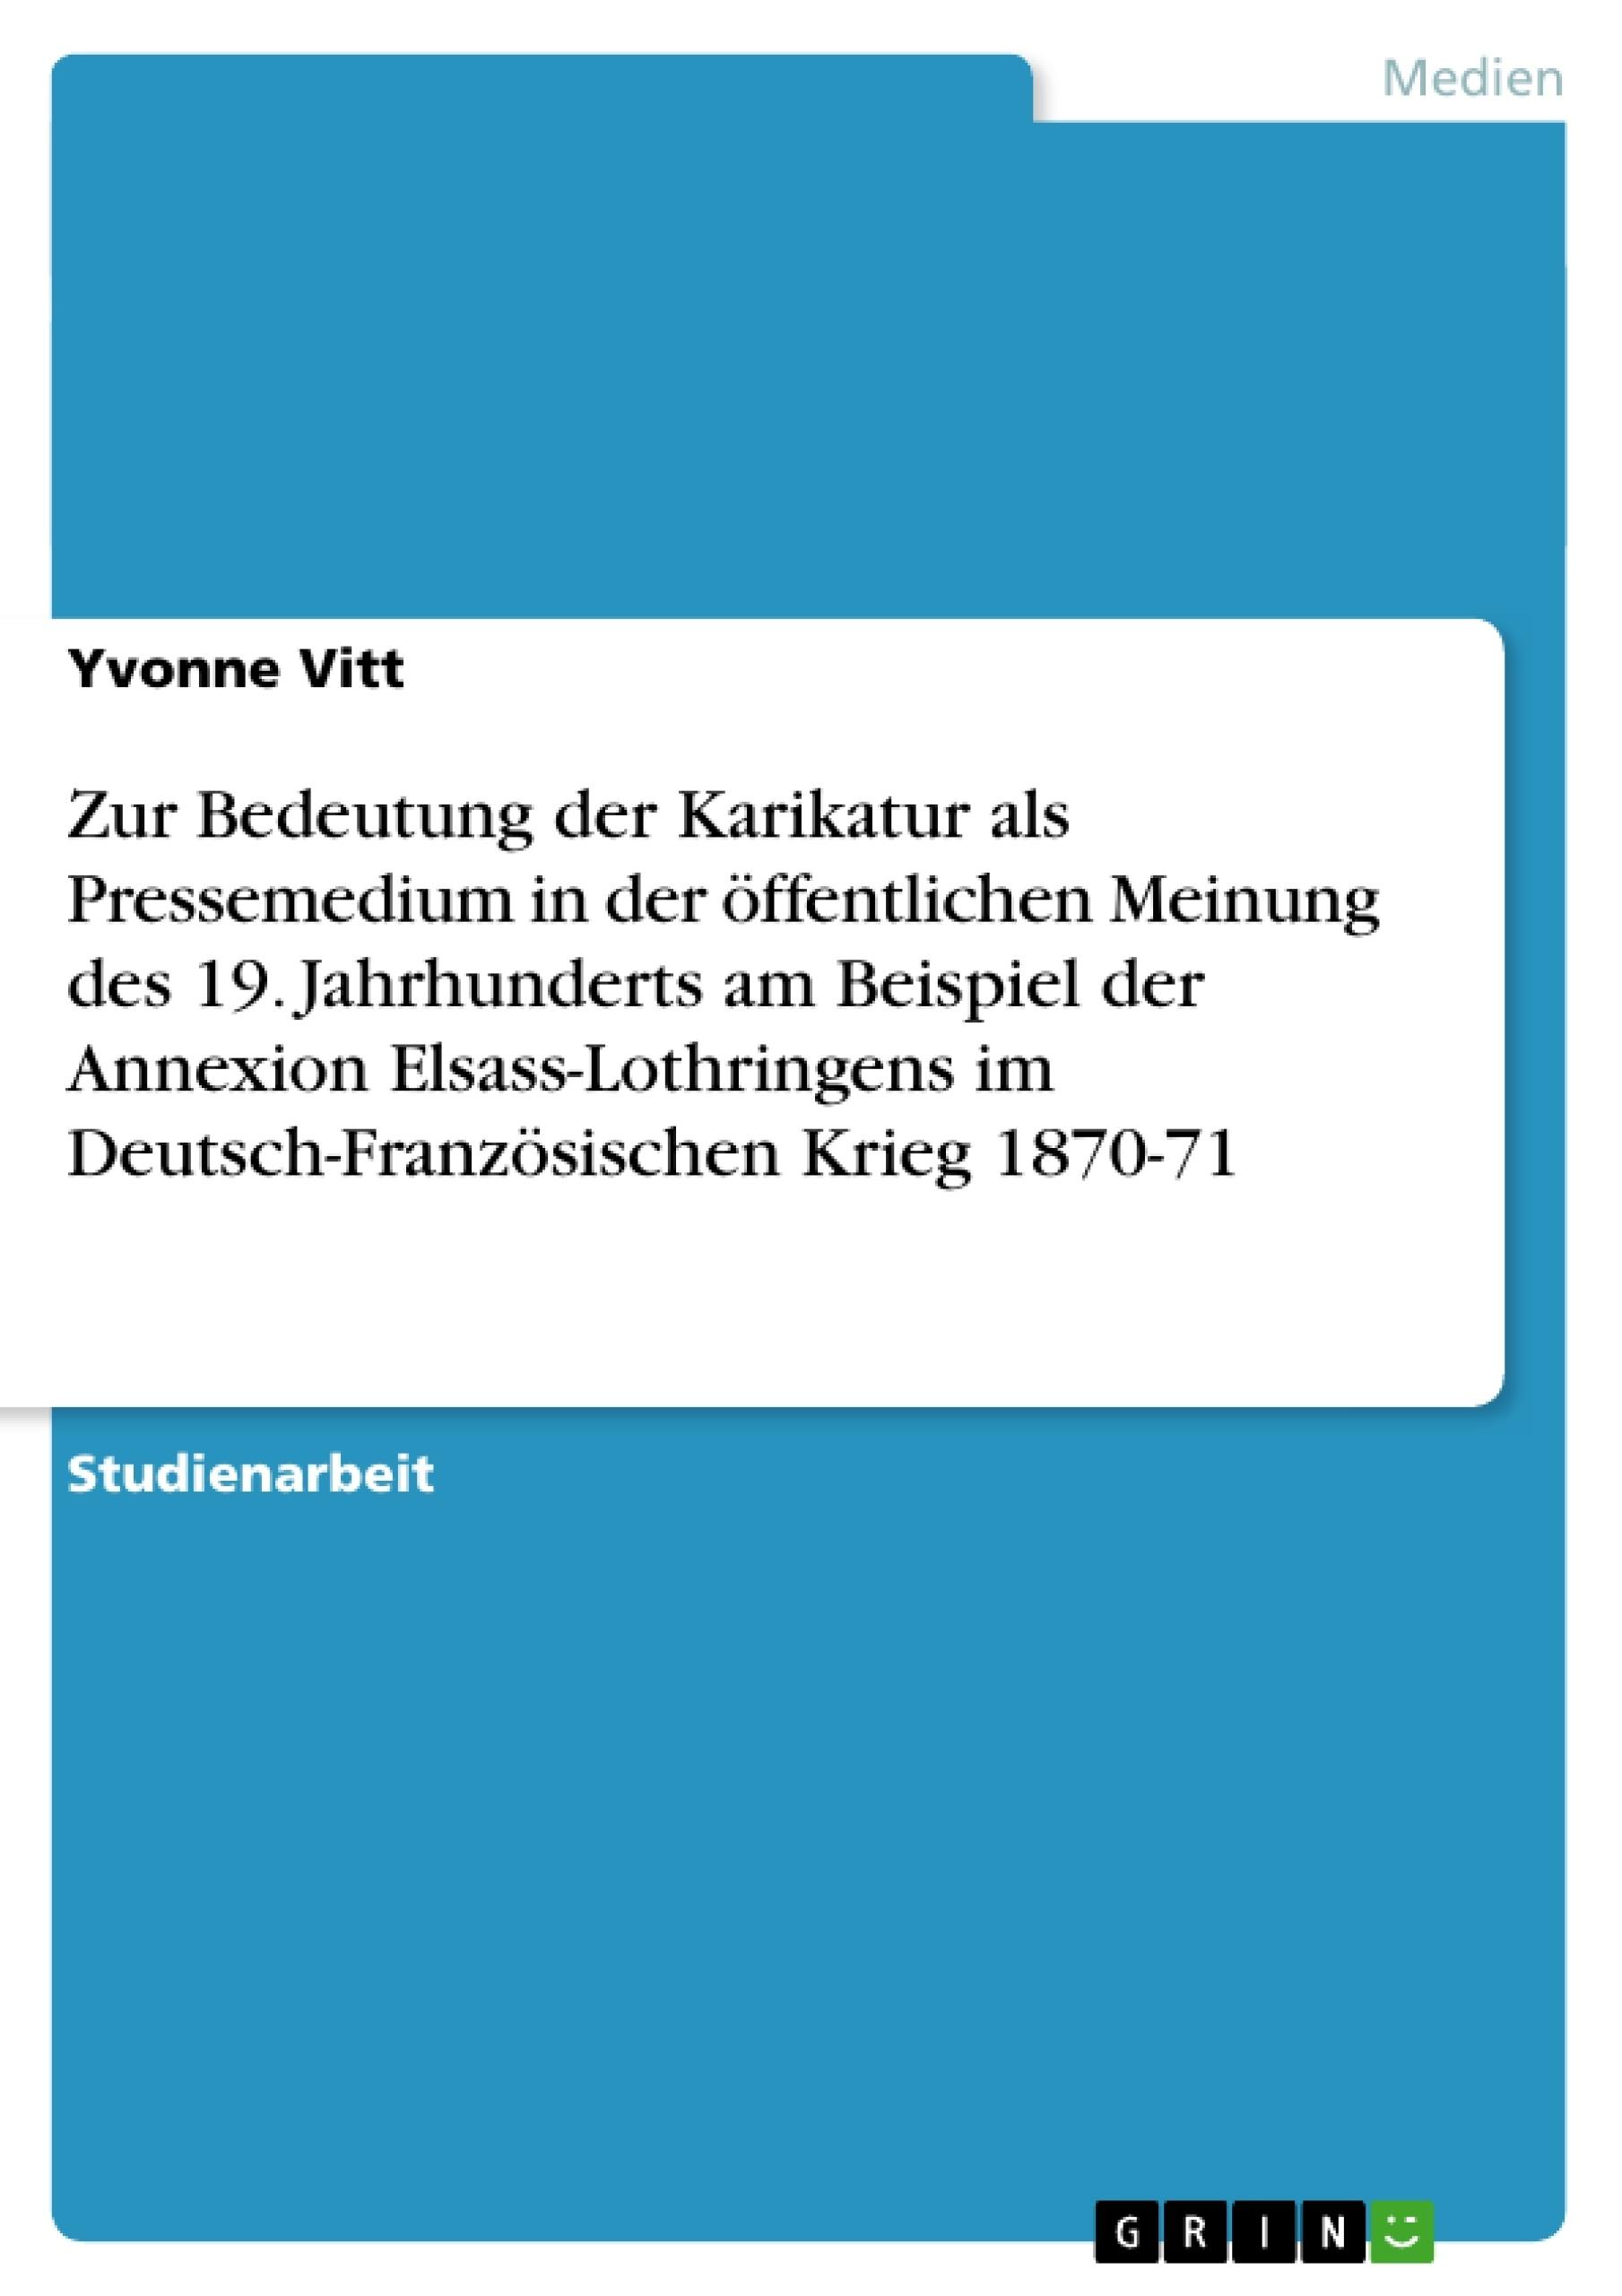 Titel: Zur Bedeutung der Karikatur als Pressemedium in der öffentlichen Meinung des 19. Jahrhunderts am Beispiel der Annexion Elsass-Lothringens im Deutsch-Französischen Krieg 1870-71